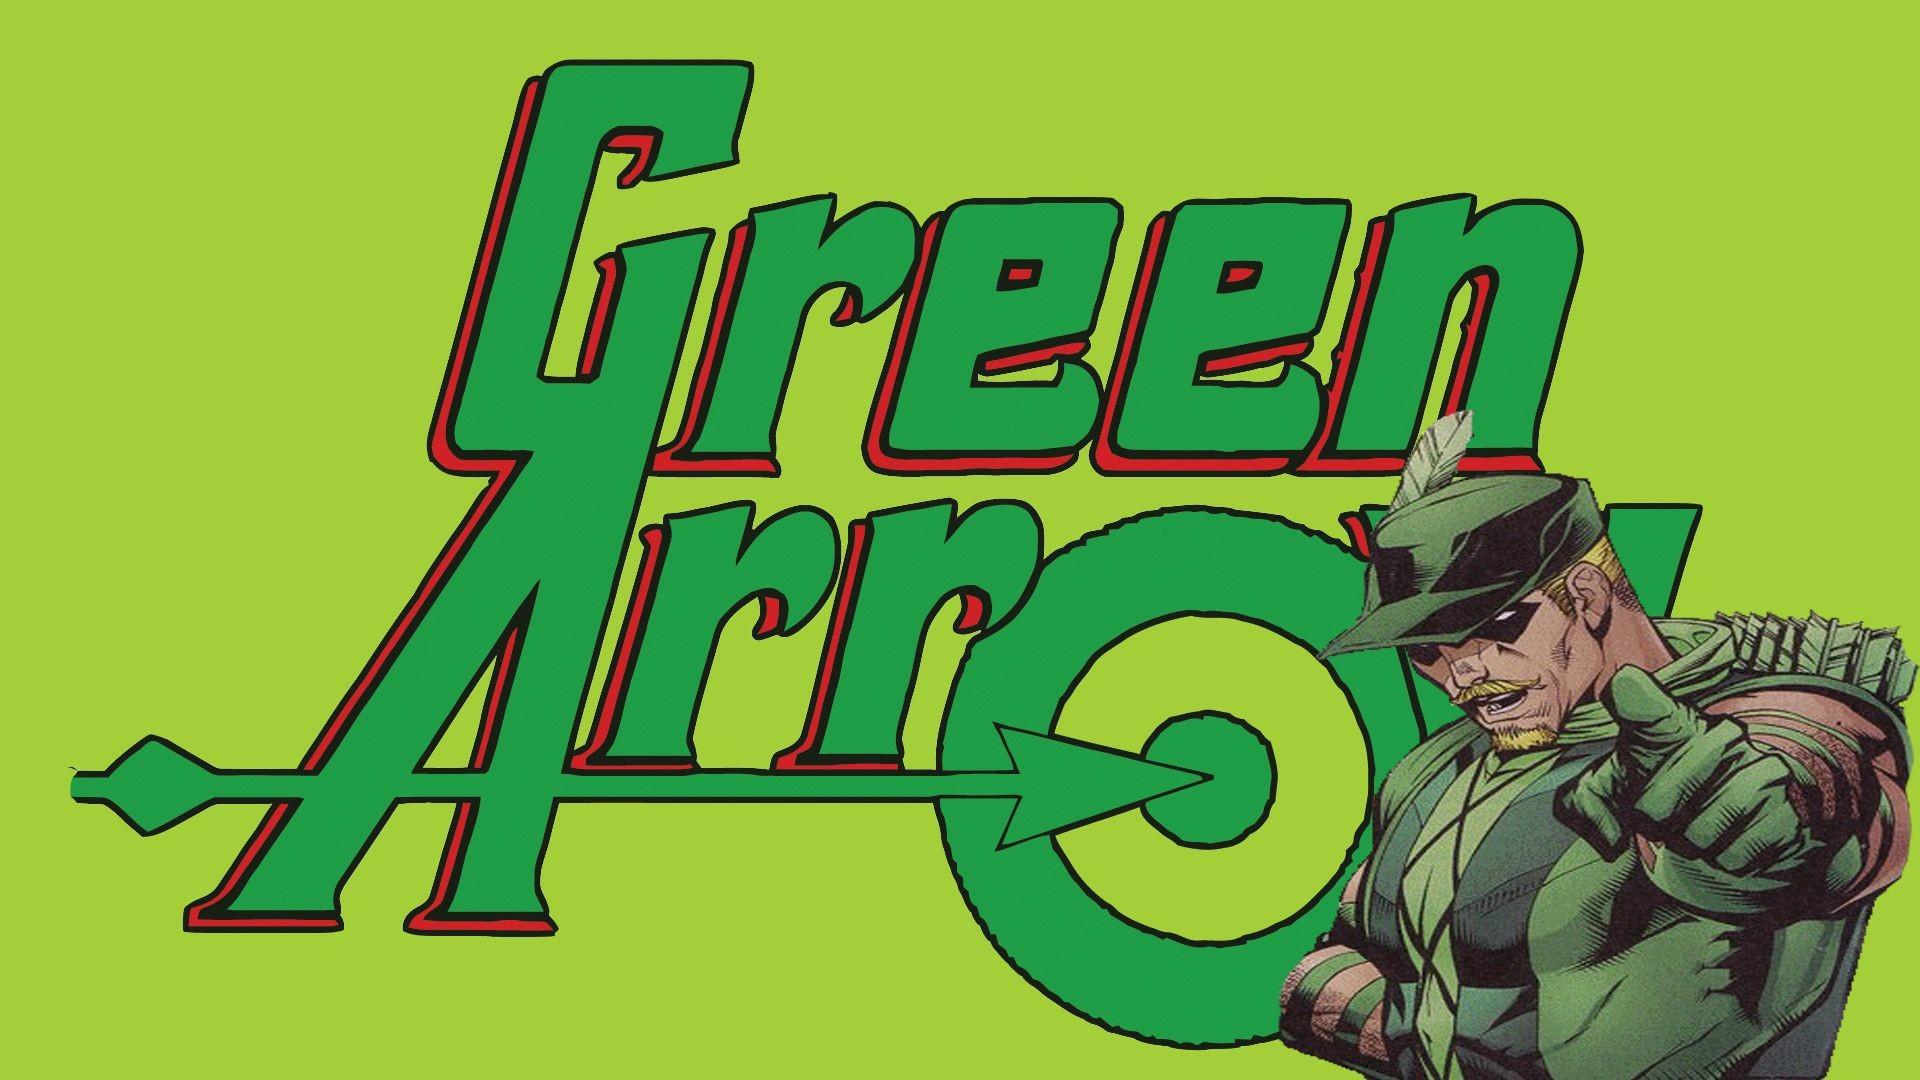 Comics – Green Arrow Wallpaper